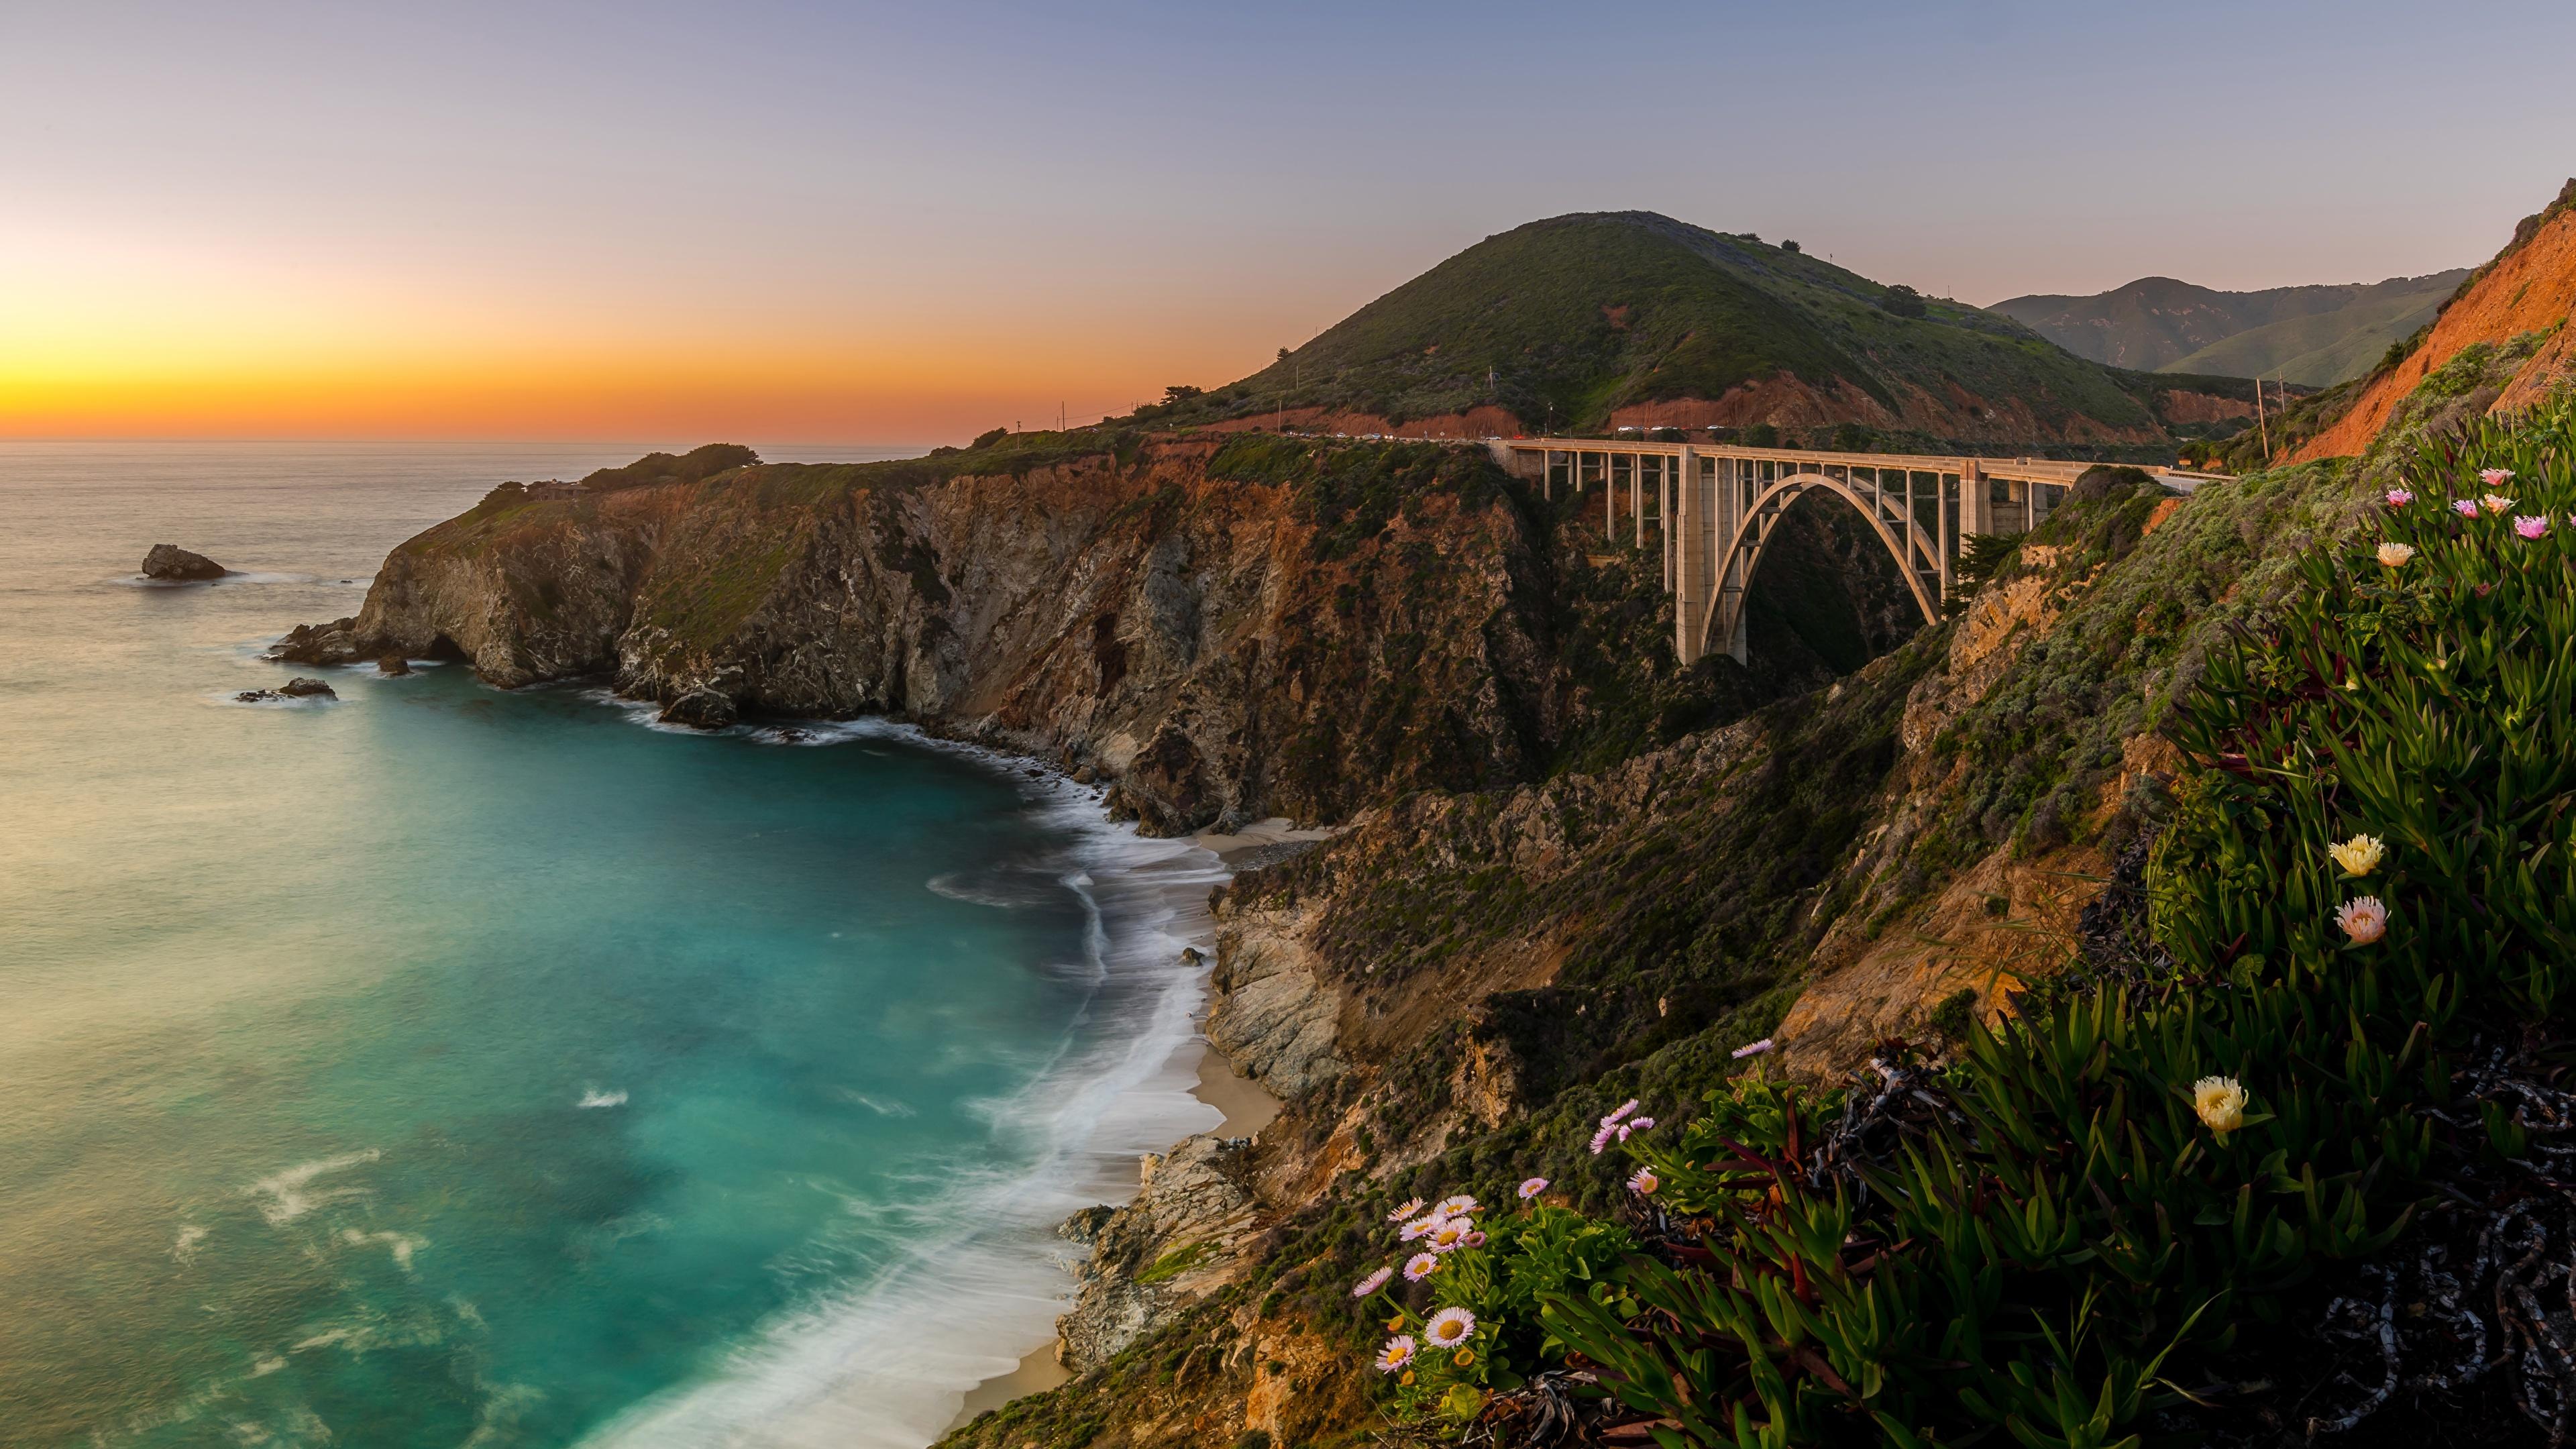 CA - Highway 1 Big Sur